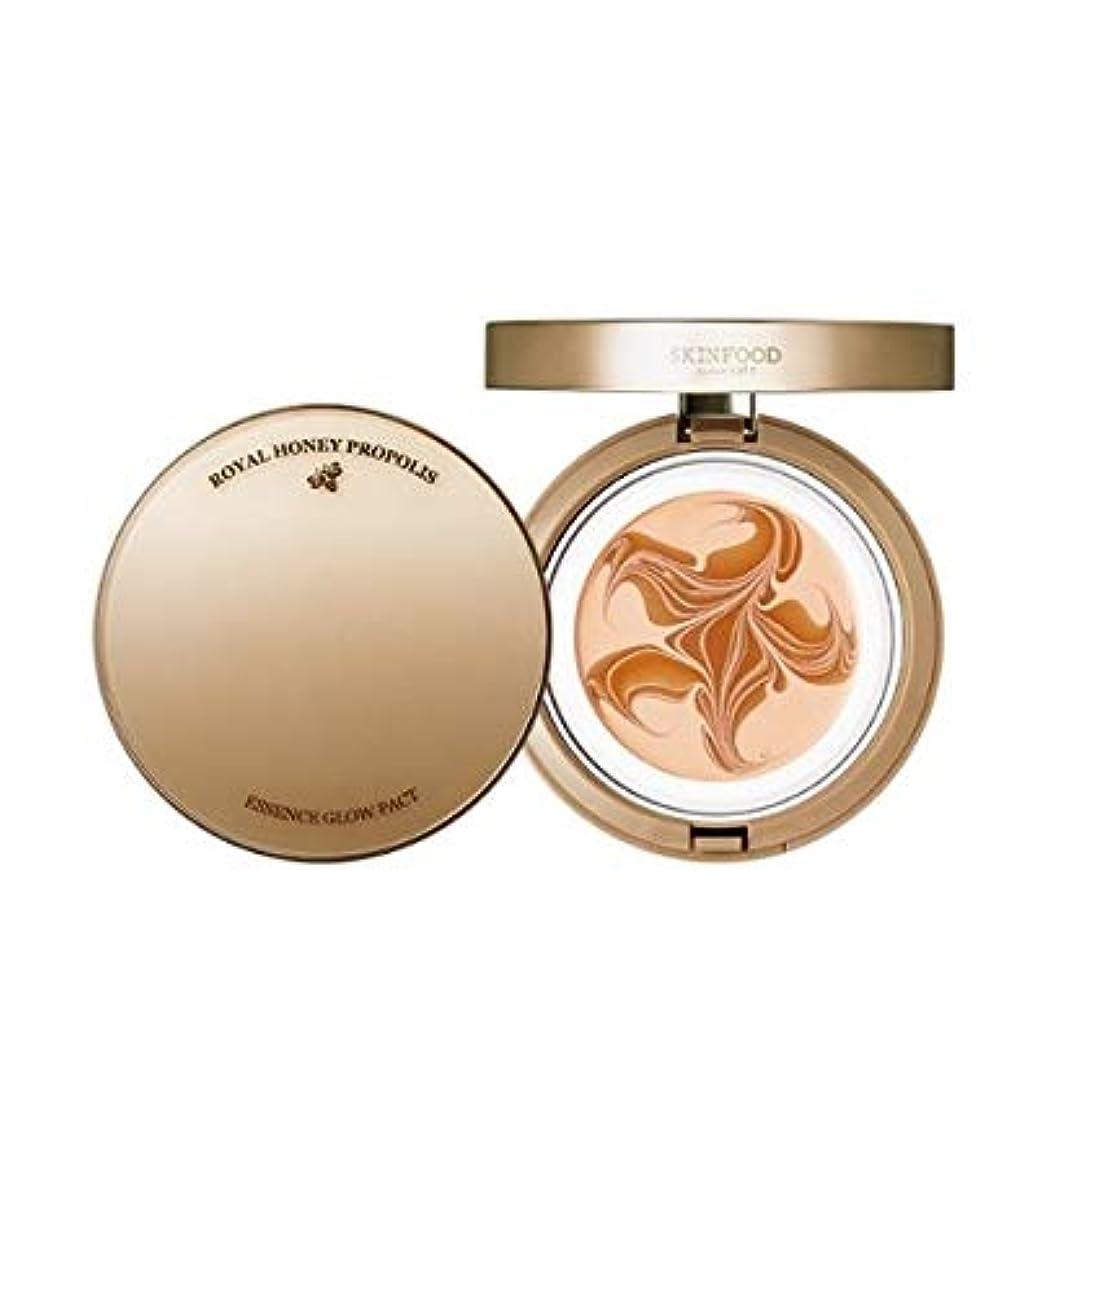 実際に暗くする伝統的Skinfood ロイヤルハニープロポリスグローエッセンスパクト#No.23サンドベージュ / Royal honey ProPolis Glow Essence Pact #No. 21 Natural Beige 15.5g...